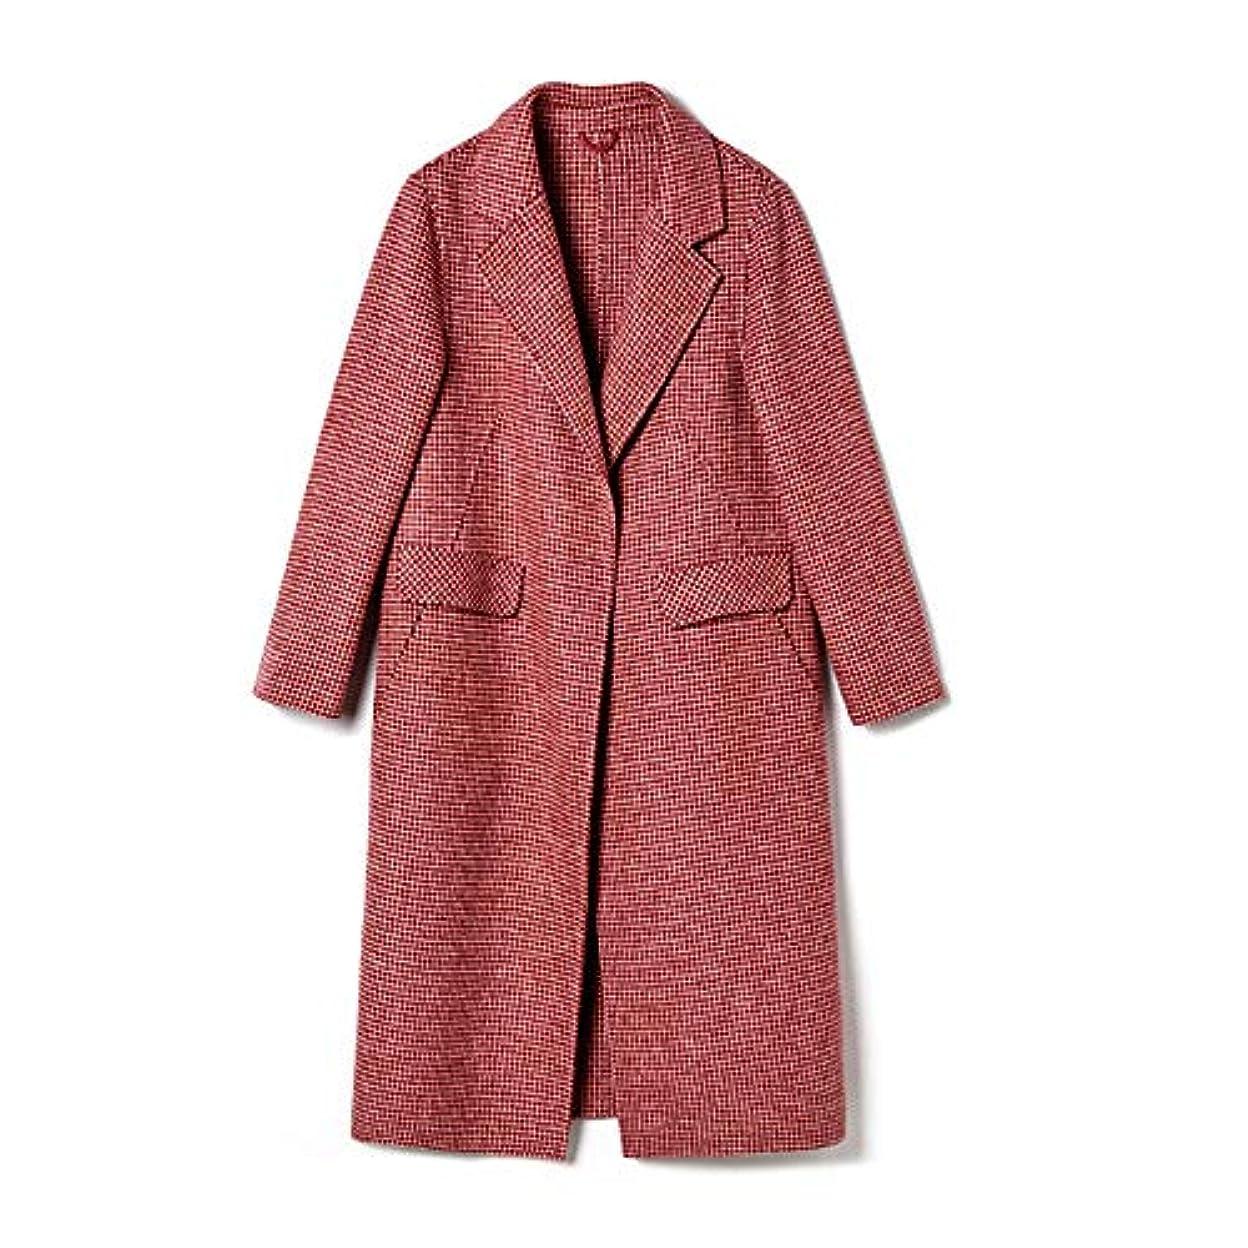 音楽成長する学部長両面カシミヤのコート、長いセクションレディースコートレディースウインドブレーカージャケット女性の秋と冬人気のウールウールコート,M